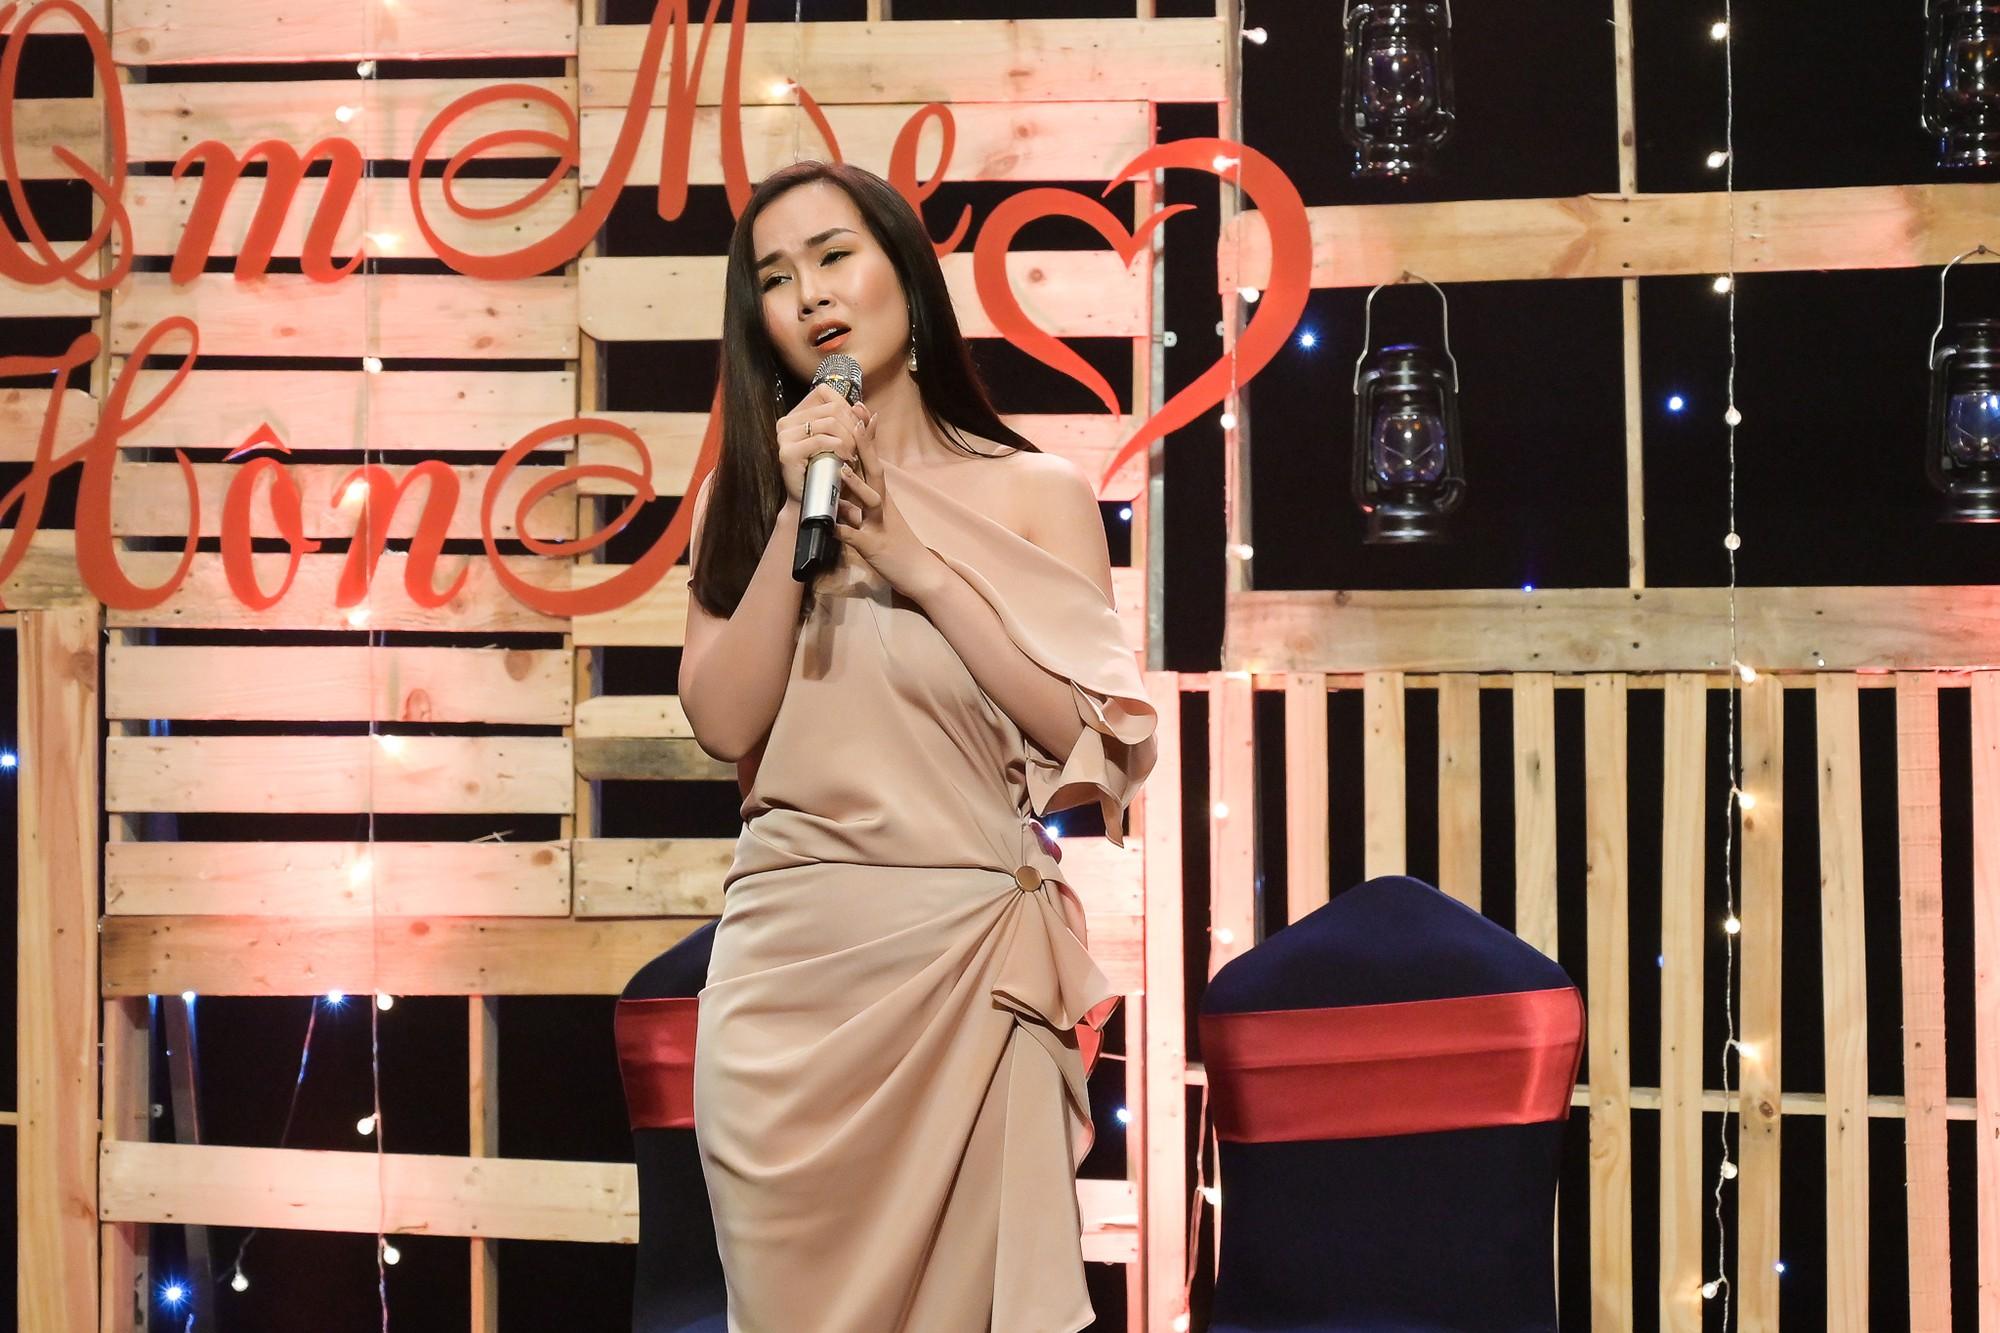 MC Quỳnh Hương khuyến khích mọi người đừng ngại ngần ôm và hôn mẹ khi còn có thể - Ảnh 6.